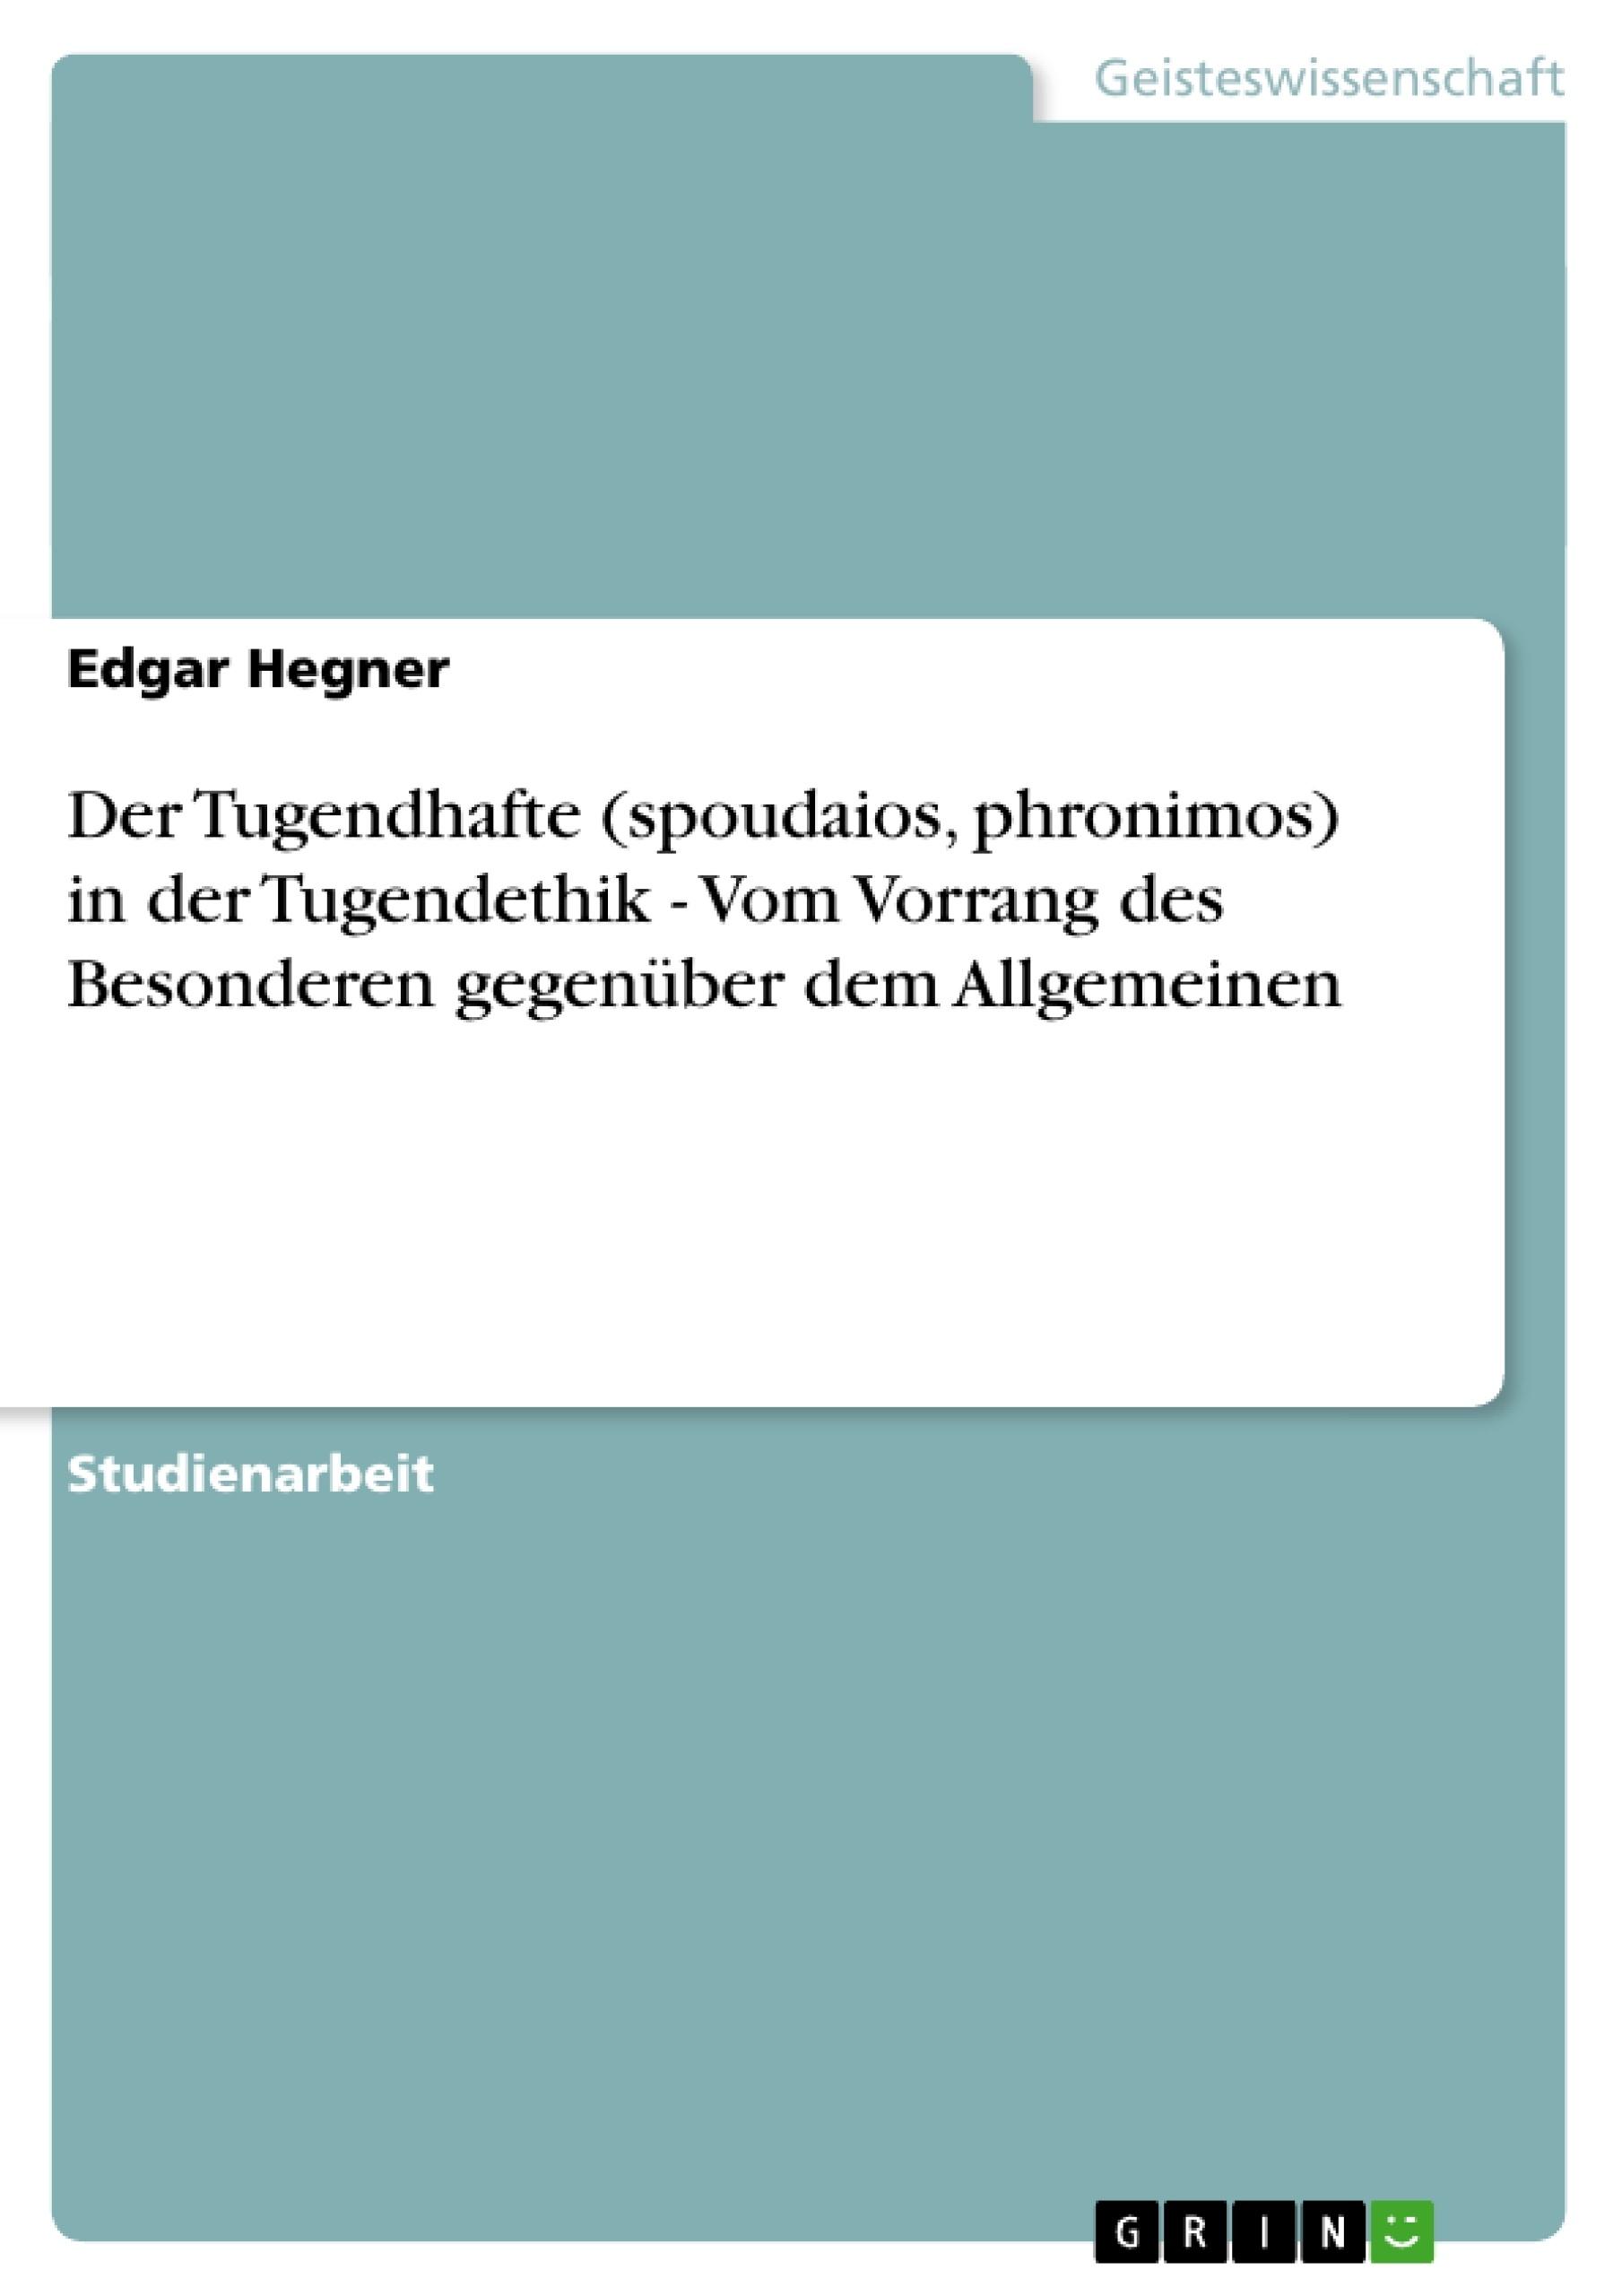 Titel: Der Tugendhafte (spoudaios, phronimos) in der Tugendethik - Vom Vorrang des Besonderen gegenüber dem Allgemeinen